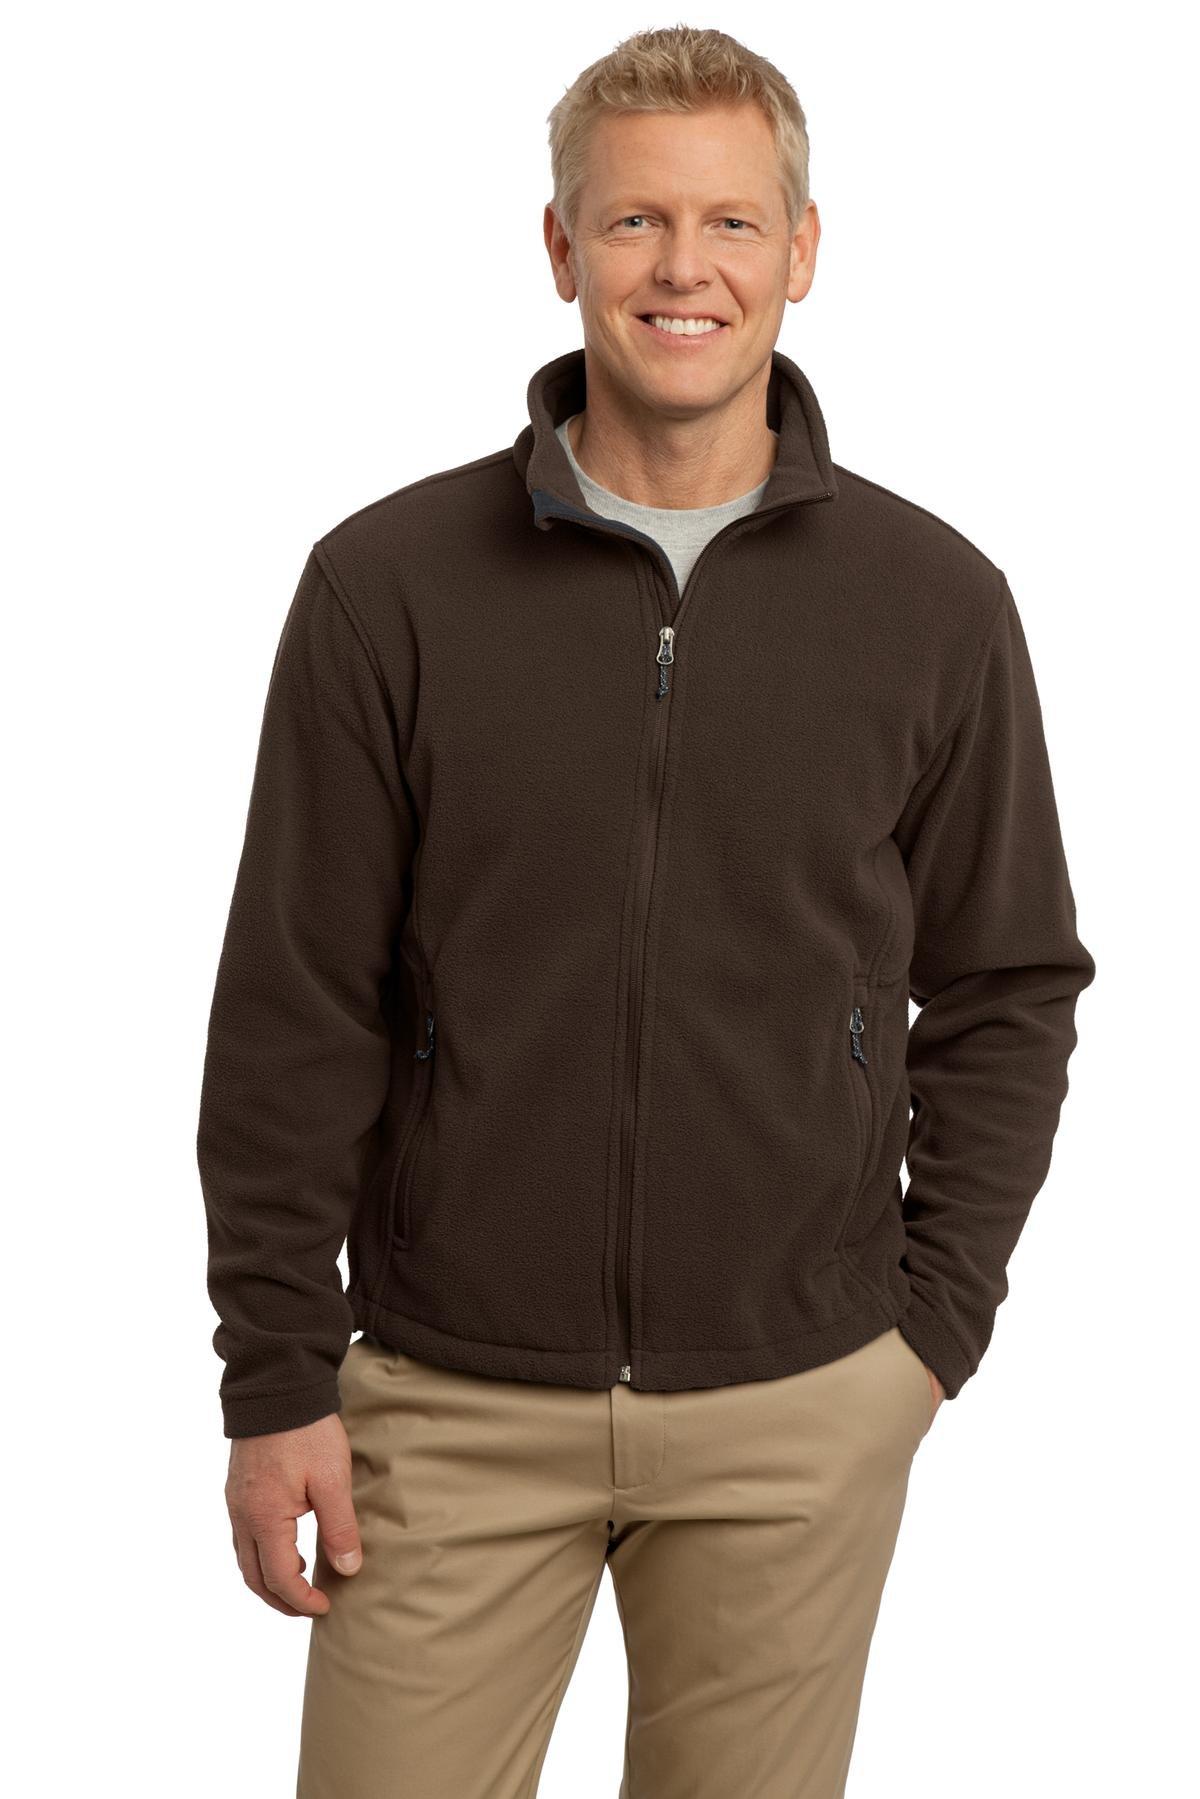 Port Authority Men's Value Fleece Jacket XL Dark Chocolate Brown